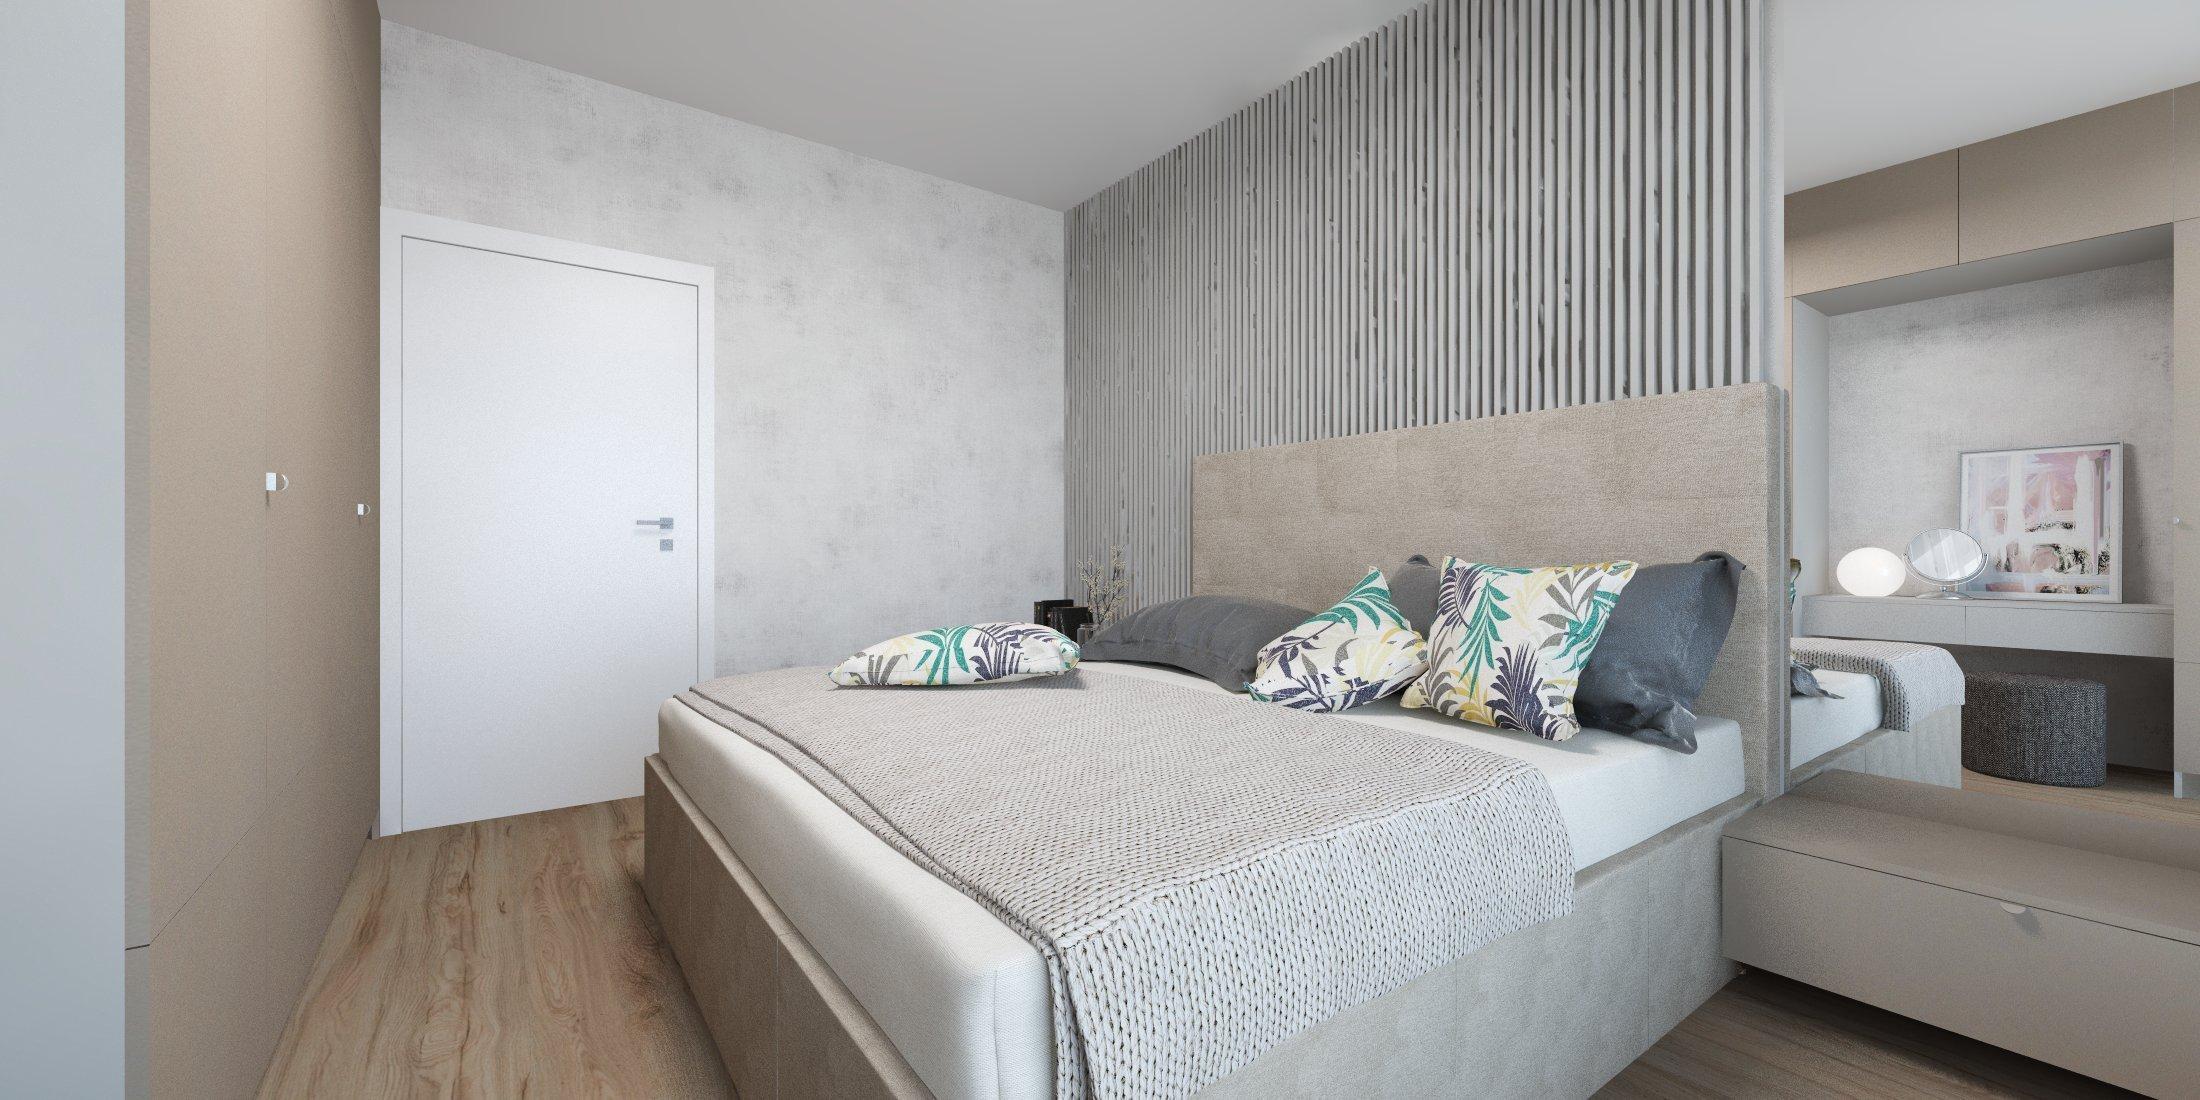 Interiér bytu v Slnečniciach, dvojizbové byty sú dnes najčastejšou voľbou mladých rodín. Vyhovujú dvojici aj rodinke s malým dieťaťom a menší byt rovná sa…